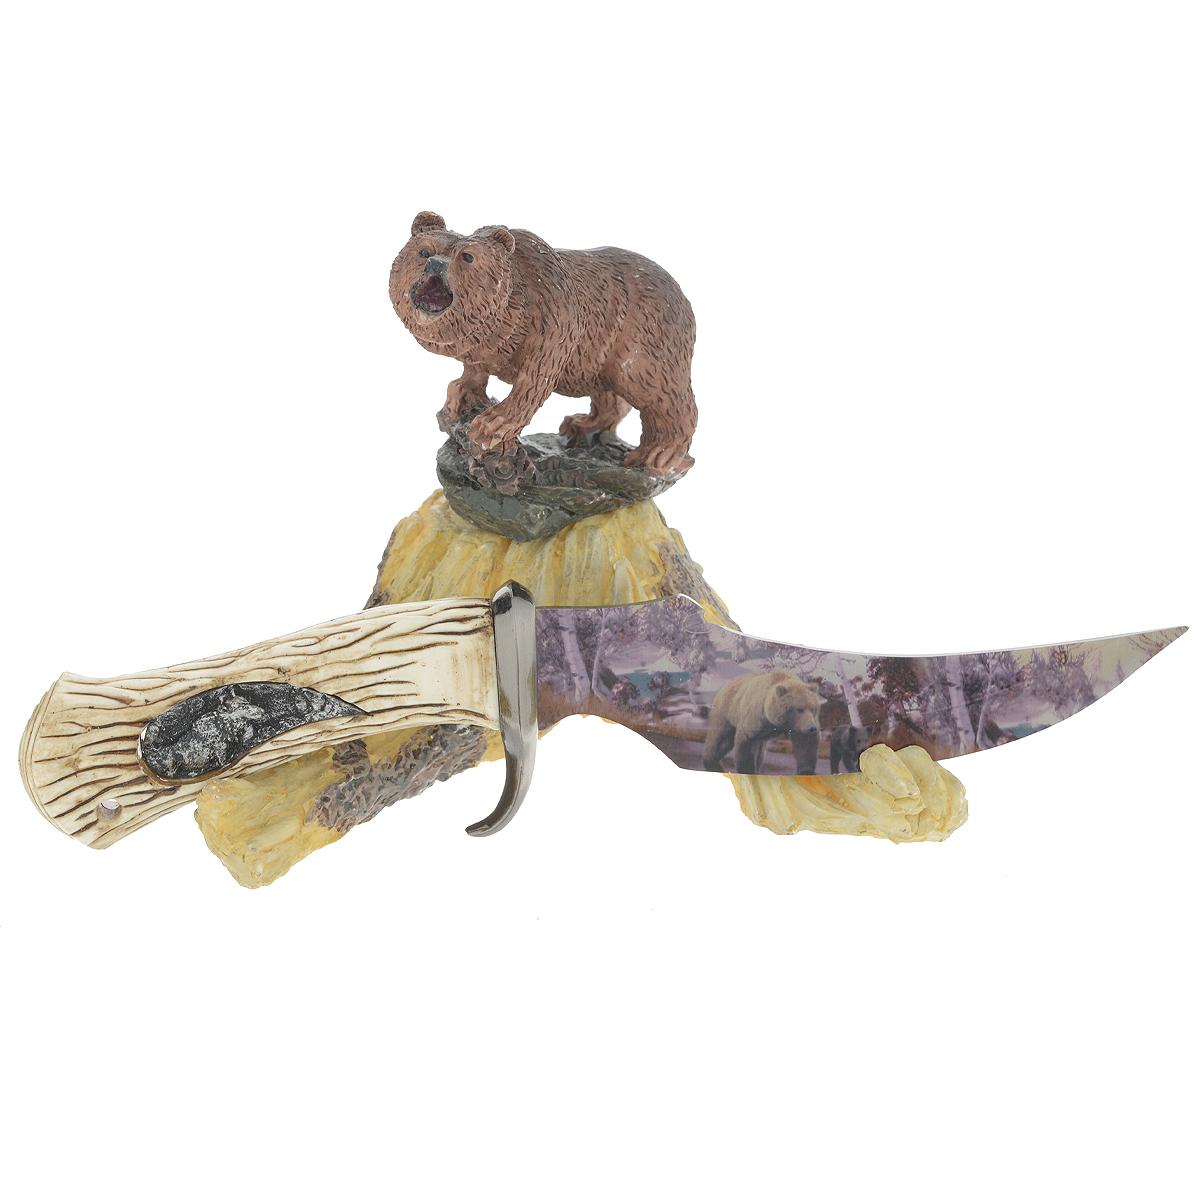 Сувенирное оружие Sima-land Нож, на подставке, длина 24 см. 471496471496Сувенирное оружие Sima-land Нож, выполненное из металла, выглядит очень реалистично. Клинок декорирован переливающимся изображением медведей. Рукоять ножа из полистоуна украшена фигурным изображением волка. Нож располагается на подставке, изготовленной из полистоуна в виде пенька с фигуркой медведя. Клинок не заточен. Сувенирное оружие - это всегда блестящий подарок для мужчины, прекрасный вариант как для партнера по бизнесу, так и для любимого. Если вы заядлый коллекционер, то добавление нового декоративного оружия к своей коллекции будет ярким и приятным моментом в вашей жизни. Длина ножа: 24 см. Длина клинка: 13,5 см. Размер подставки: 16 см х 15 см х 13 см.